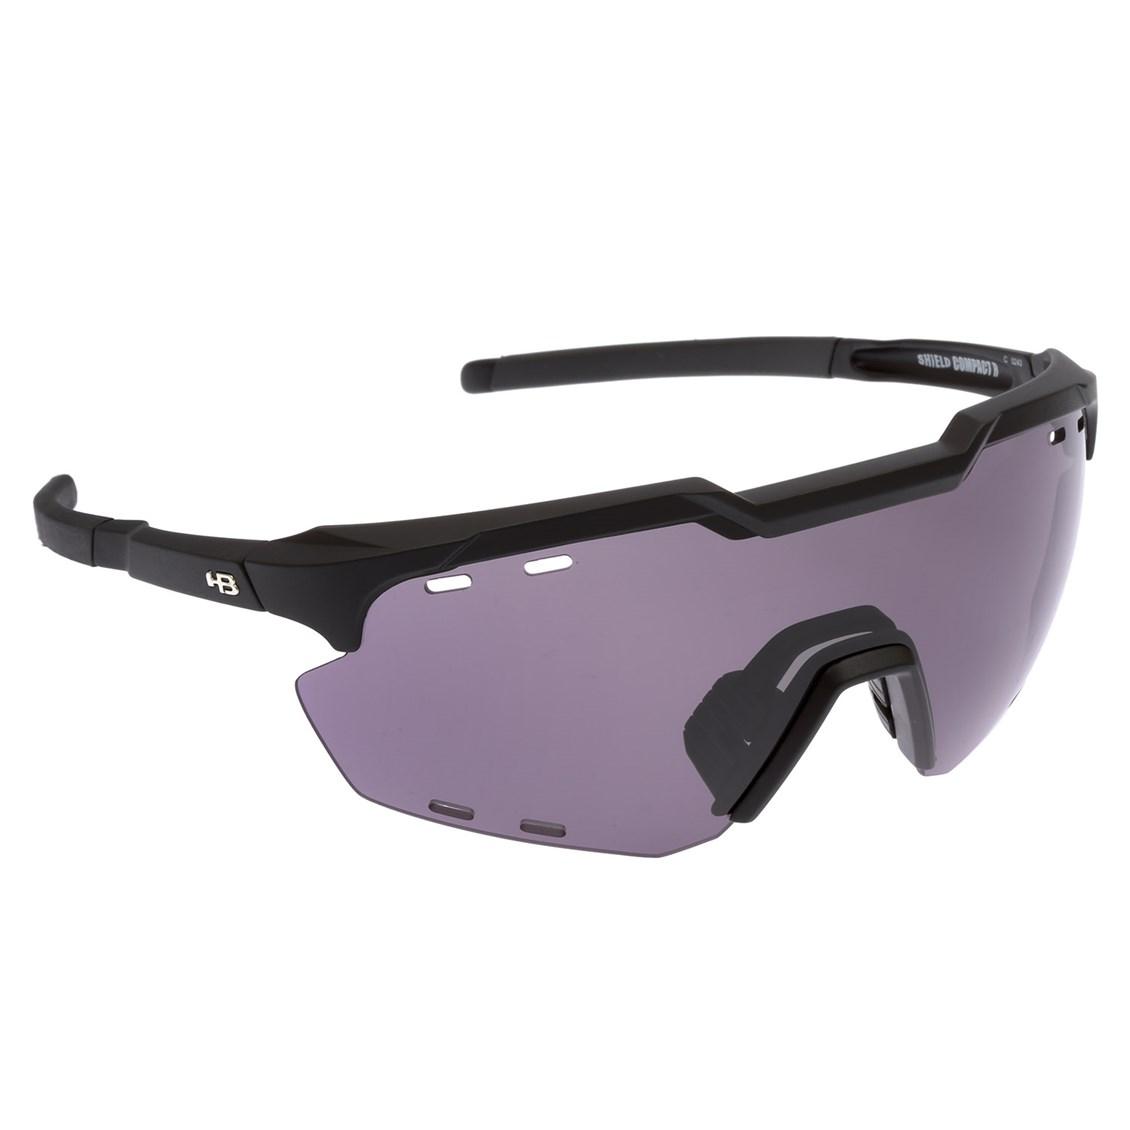 Óculos de Sol HB Shield Compact Road Matte Black Gray